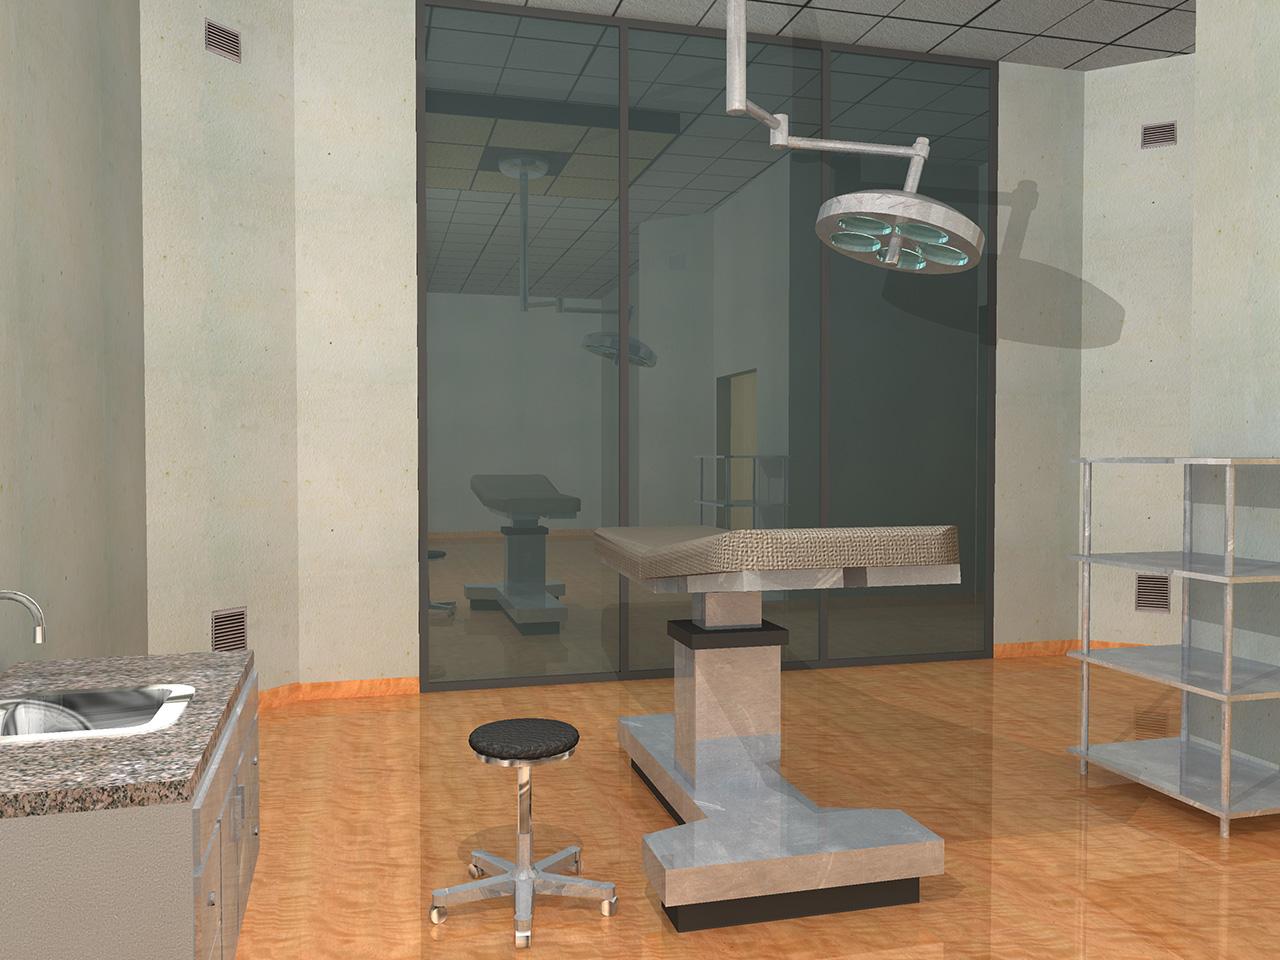 Realizzazione presidi sanitari - Pallaoro Medical Laser Padova 01